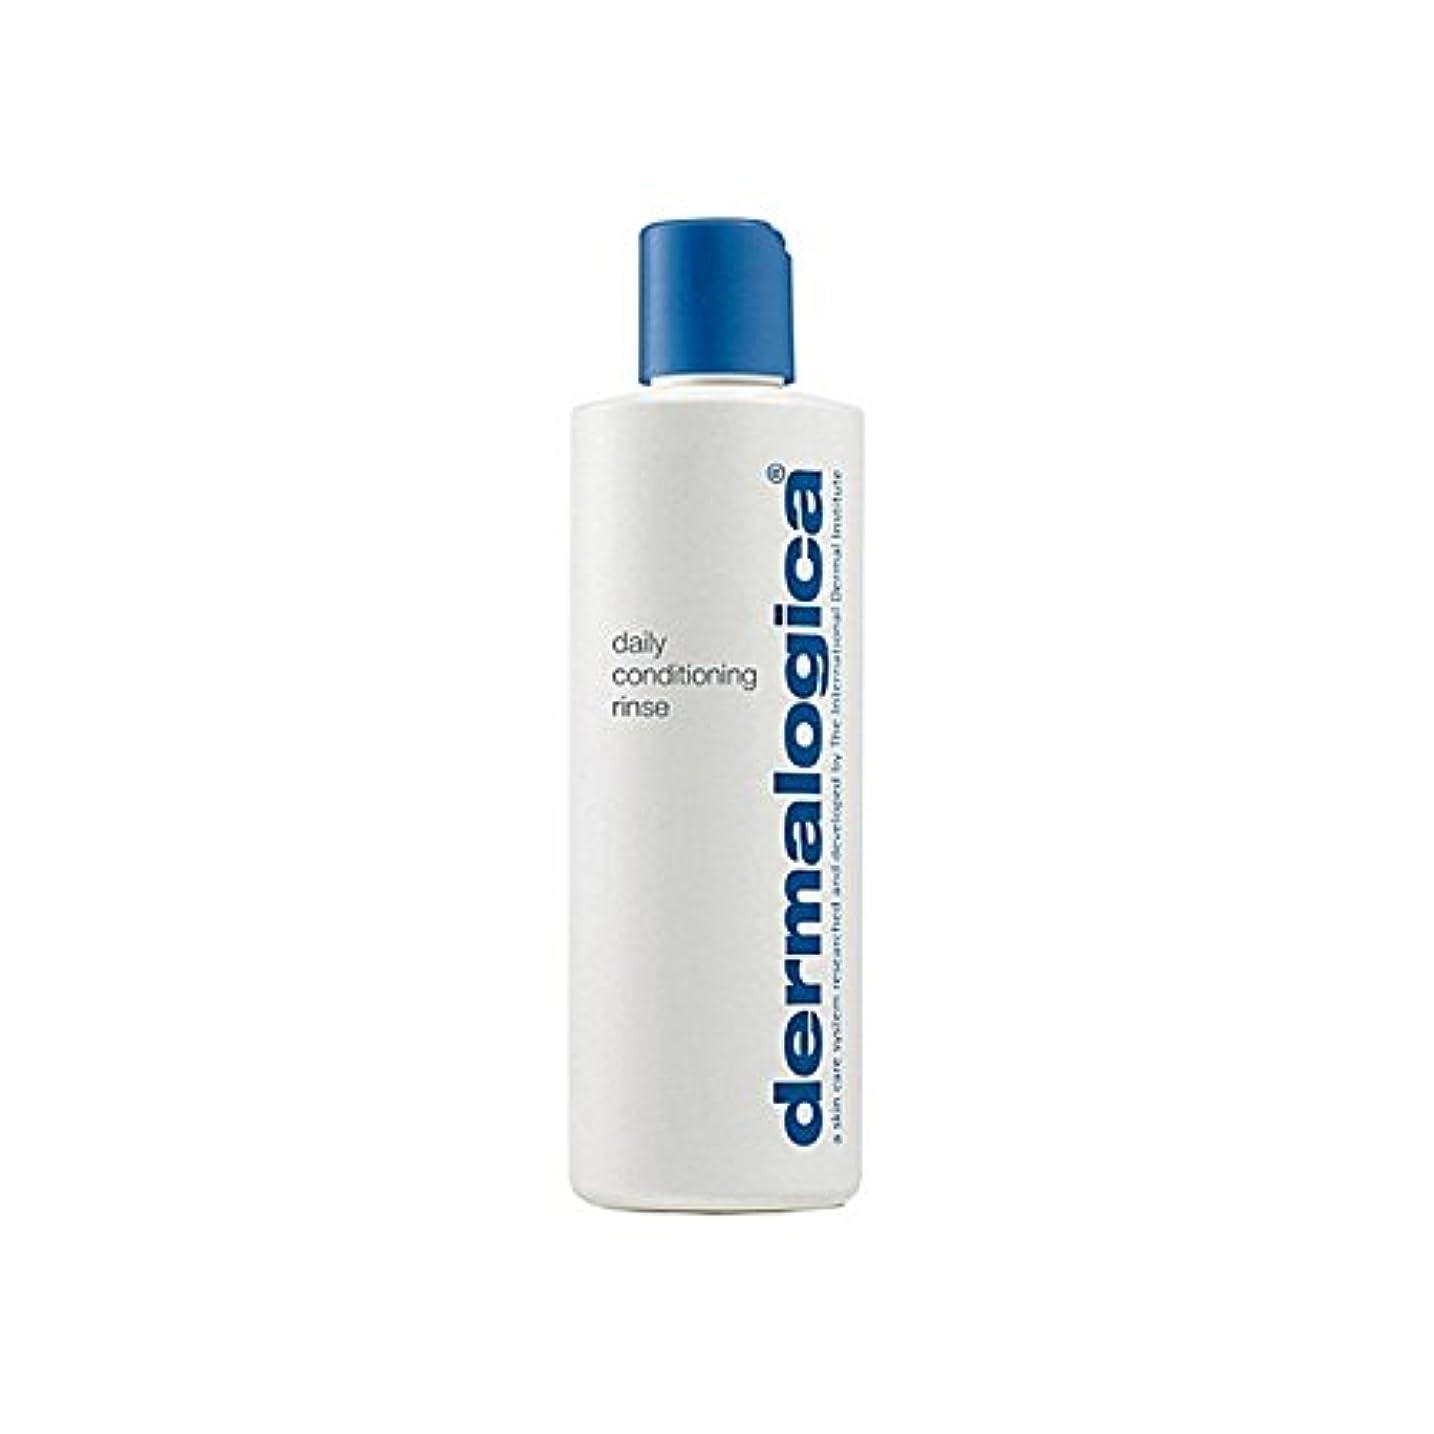 シマウマ植木散歩Dermalogica Daily Conditioning Rinse 50ml (Pack of 6) - ダーマロジカ毎日コンディショニングリンス50ミリリットル x6 [並行輸入品]